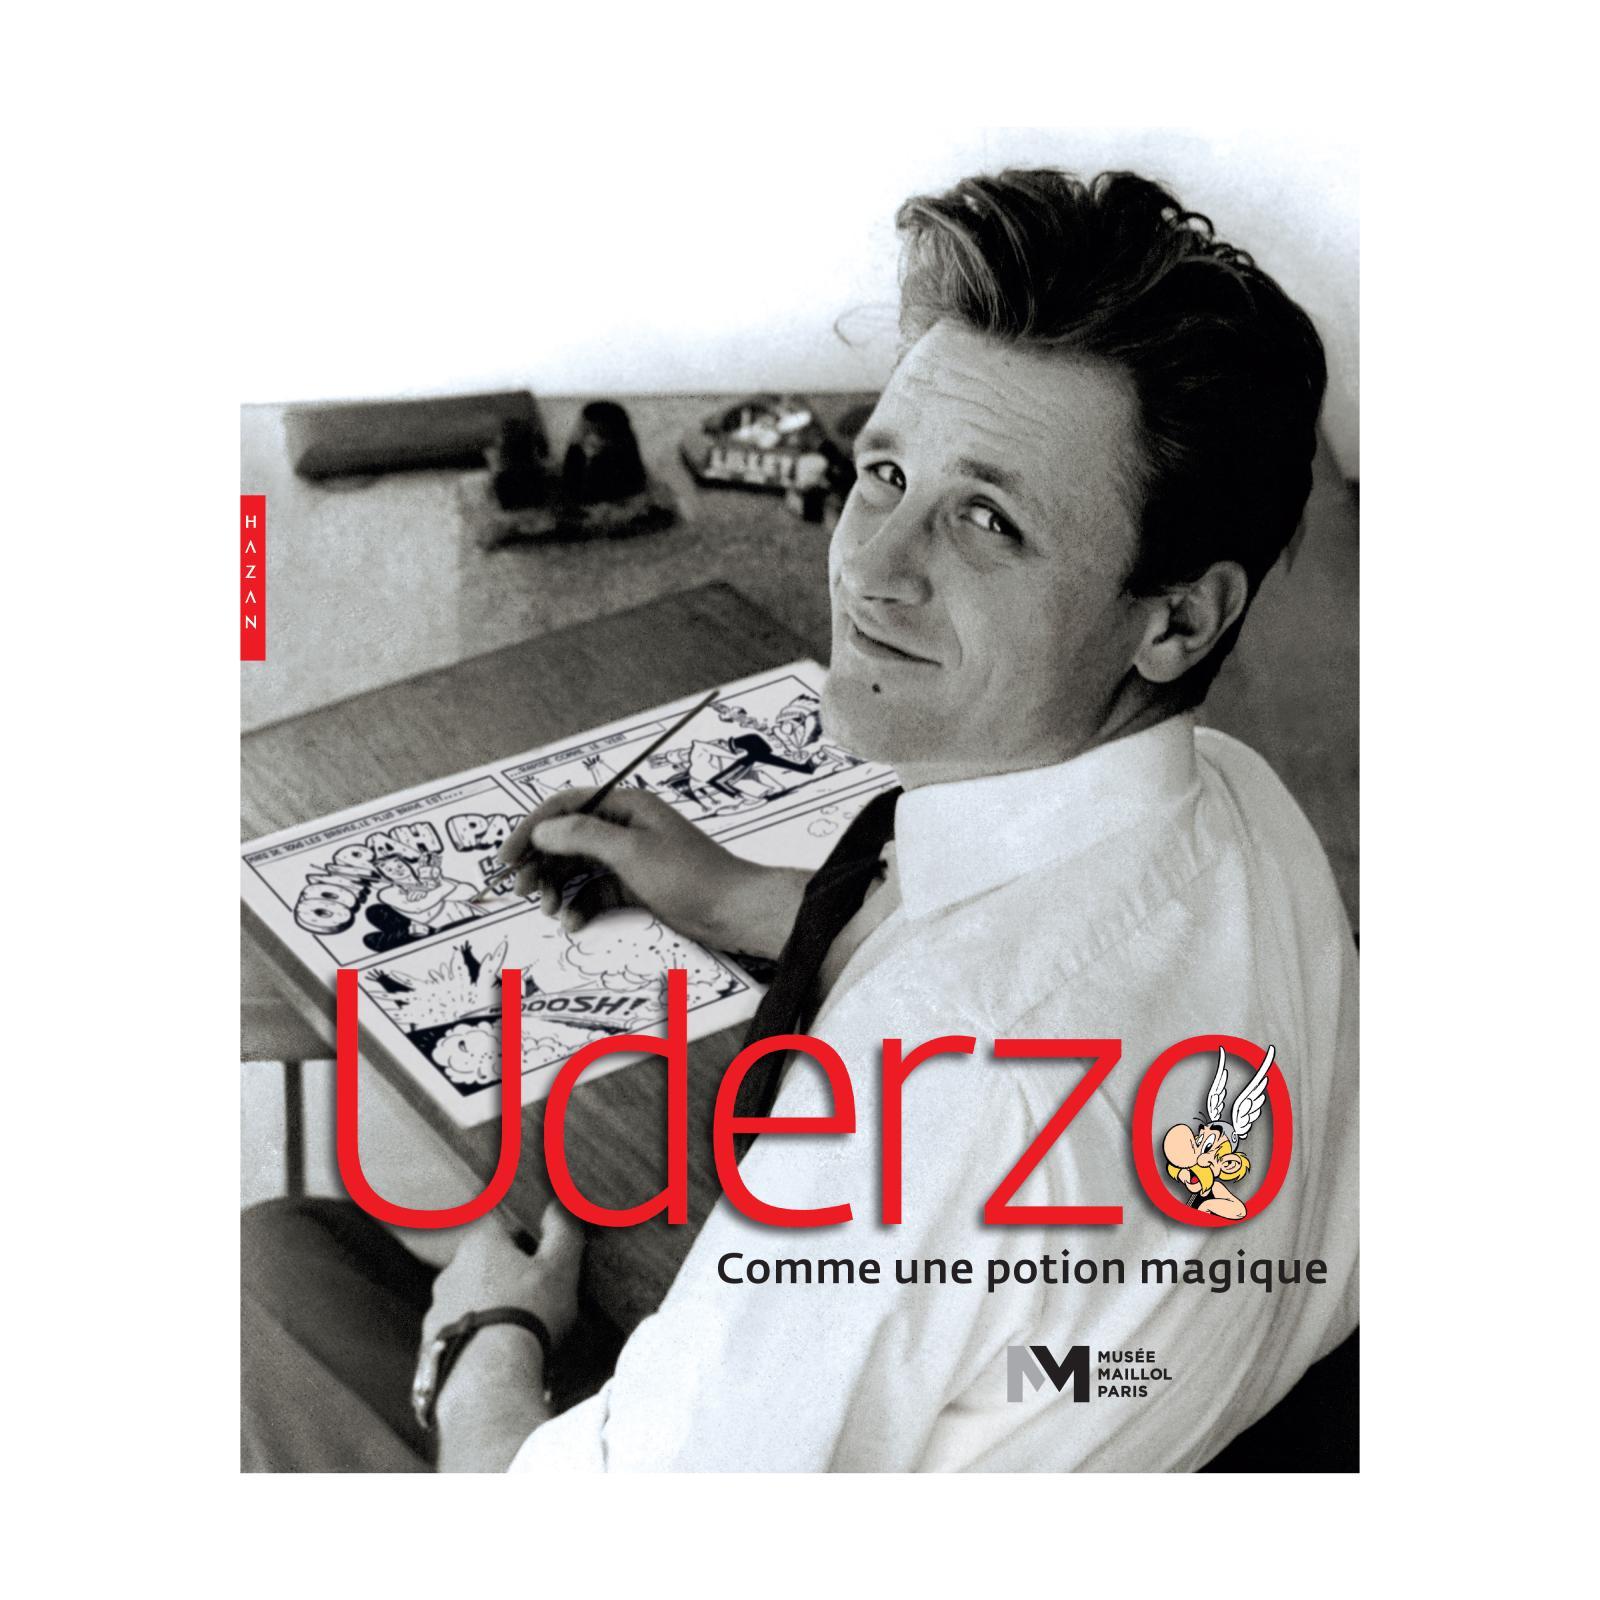 Uderzo 60 ans de carrière, il fallait bien une exposition pour fêter cela. C'est chose faite avec celle qui se tient au musée Maillol (jus